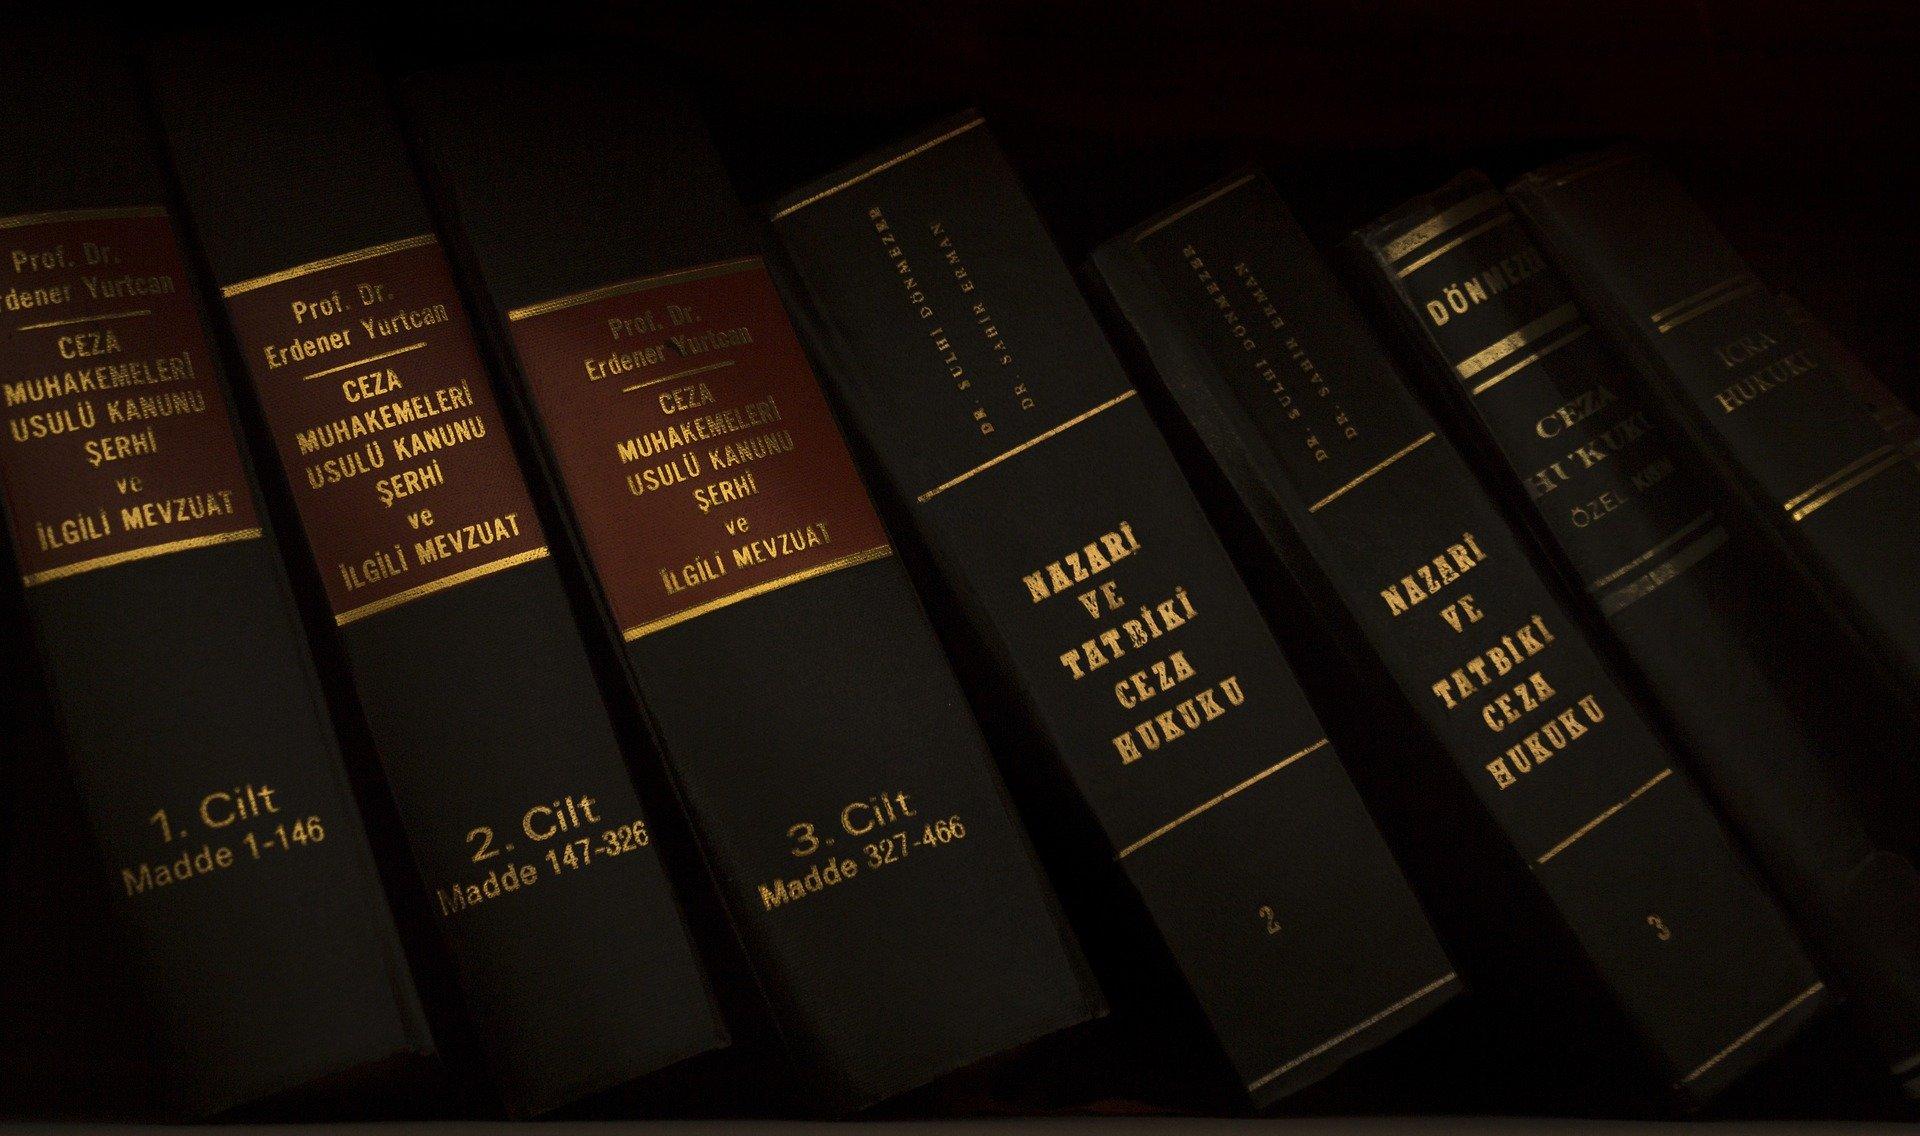 نحوه ثبت نام آزمون پروانه کارآموزی کانون وکلای دادگستری 99